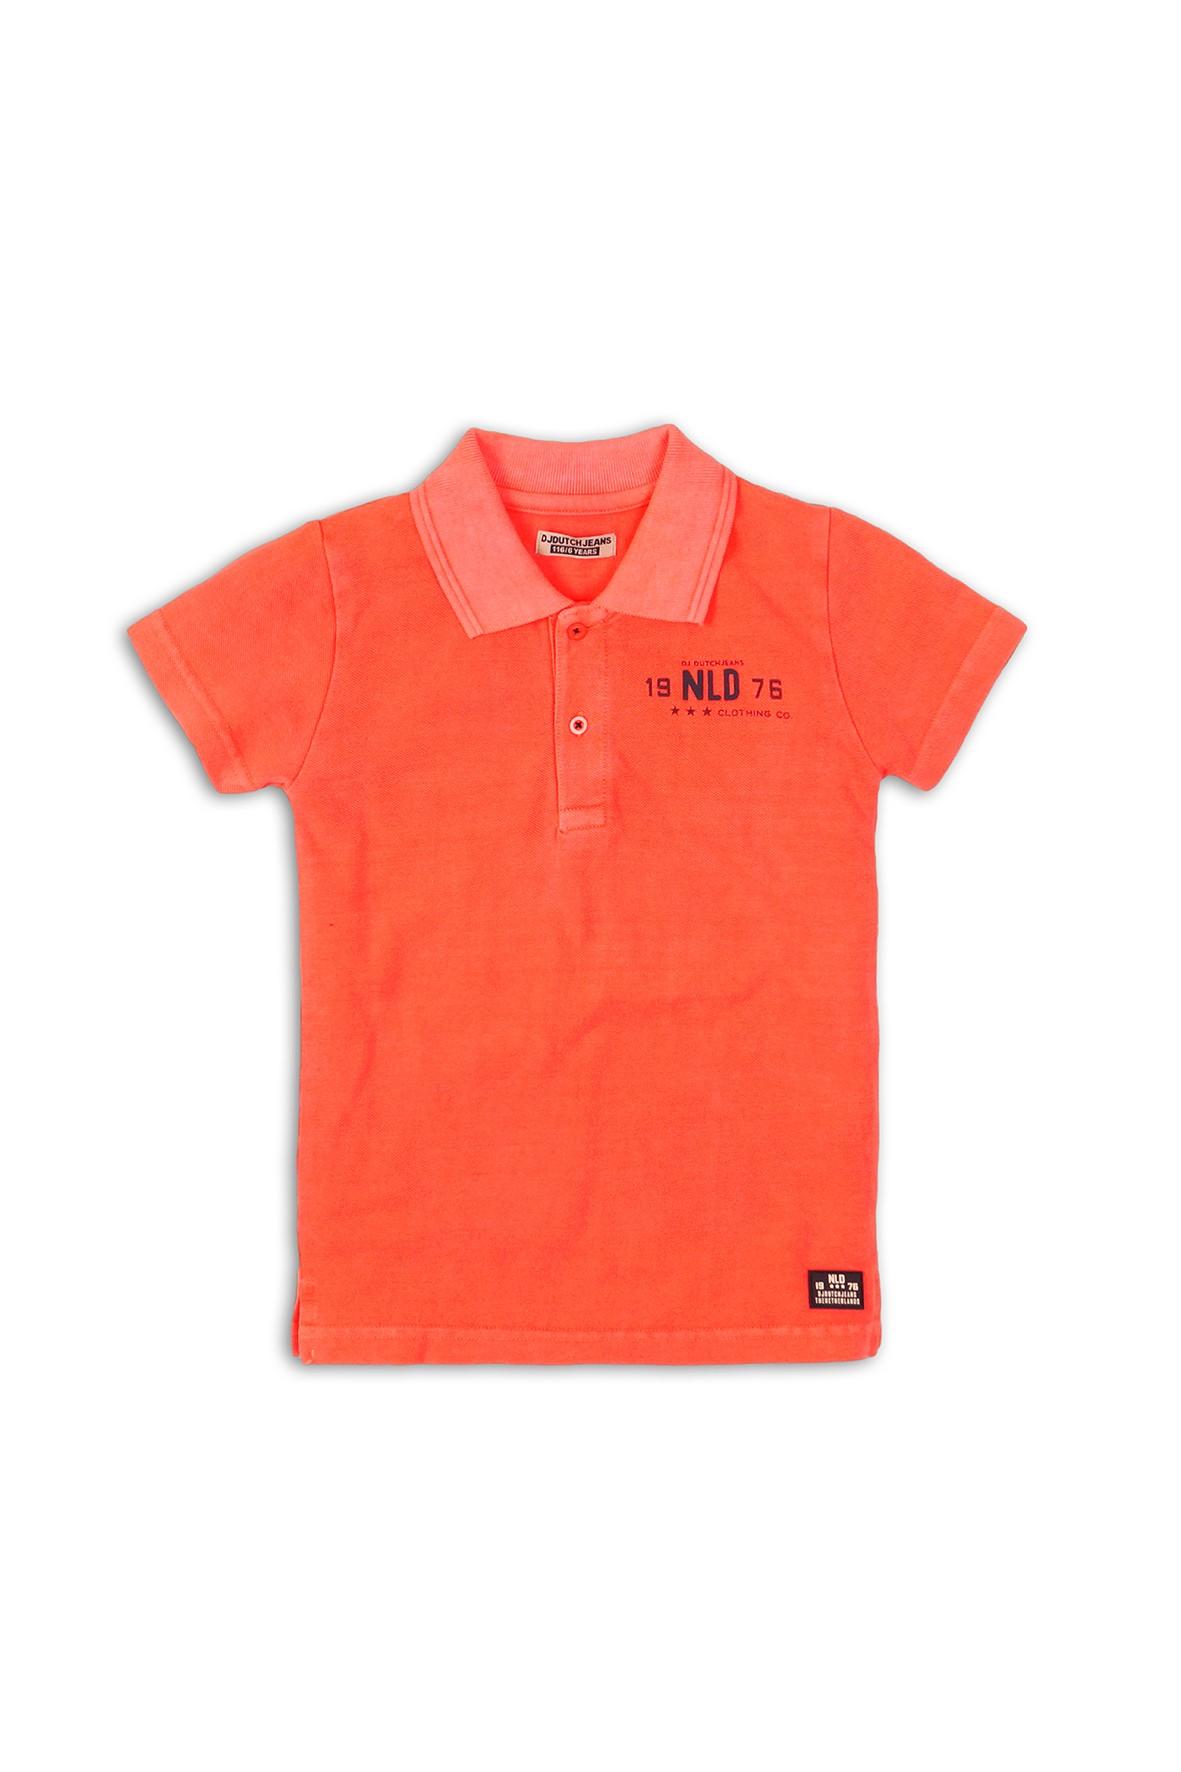 T-shirt chłopięcy pomarańczowy na lato